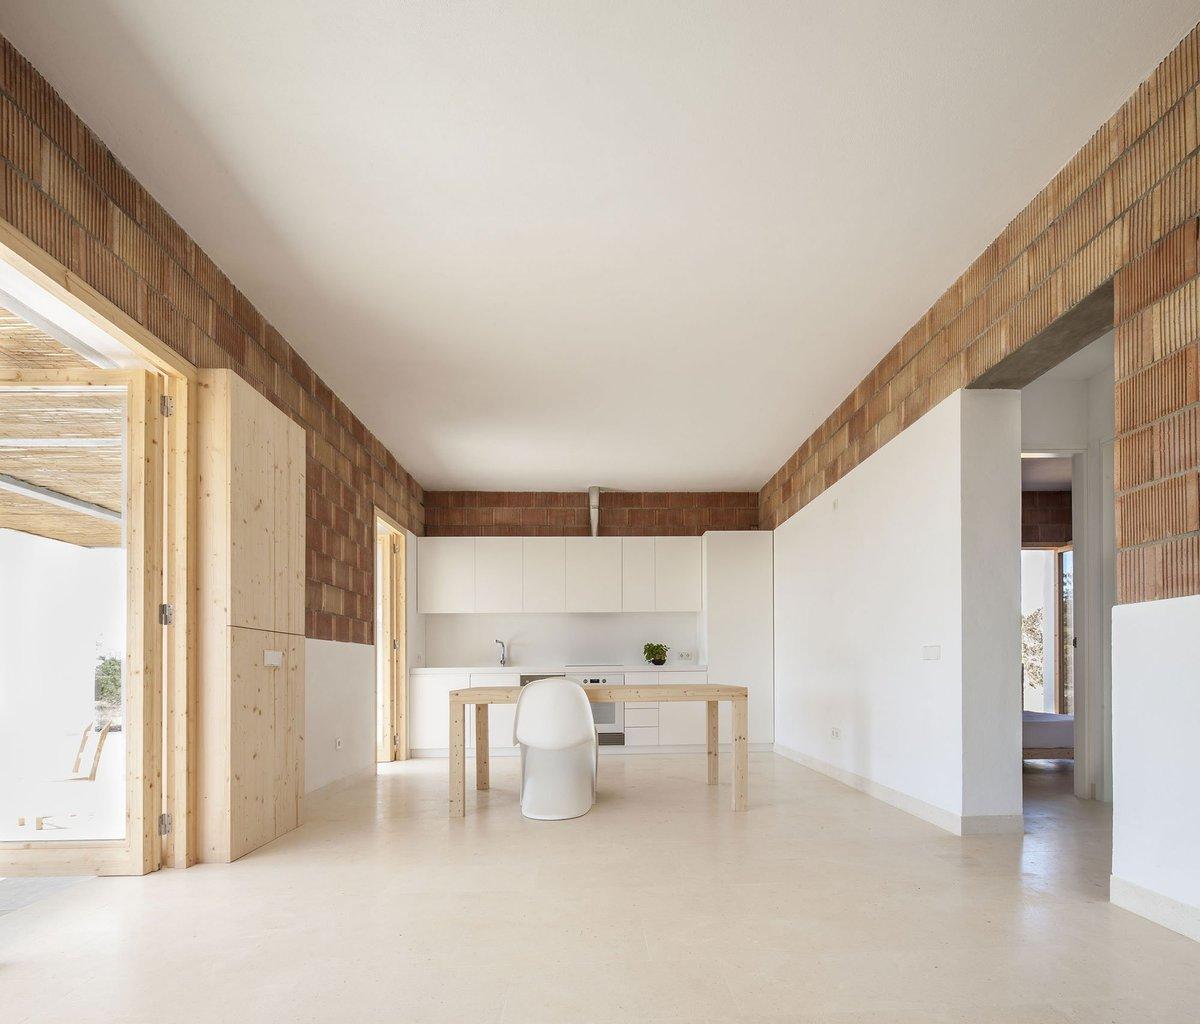 Белая минималистская кухня расположена в торце жилой комнаты и не доминирует в интерьере